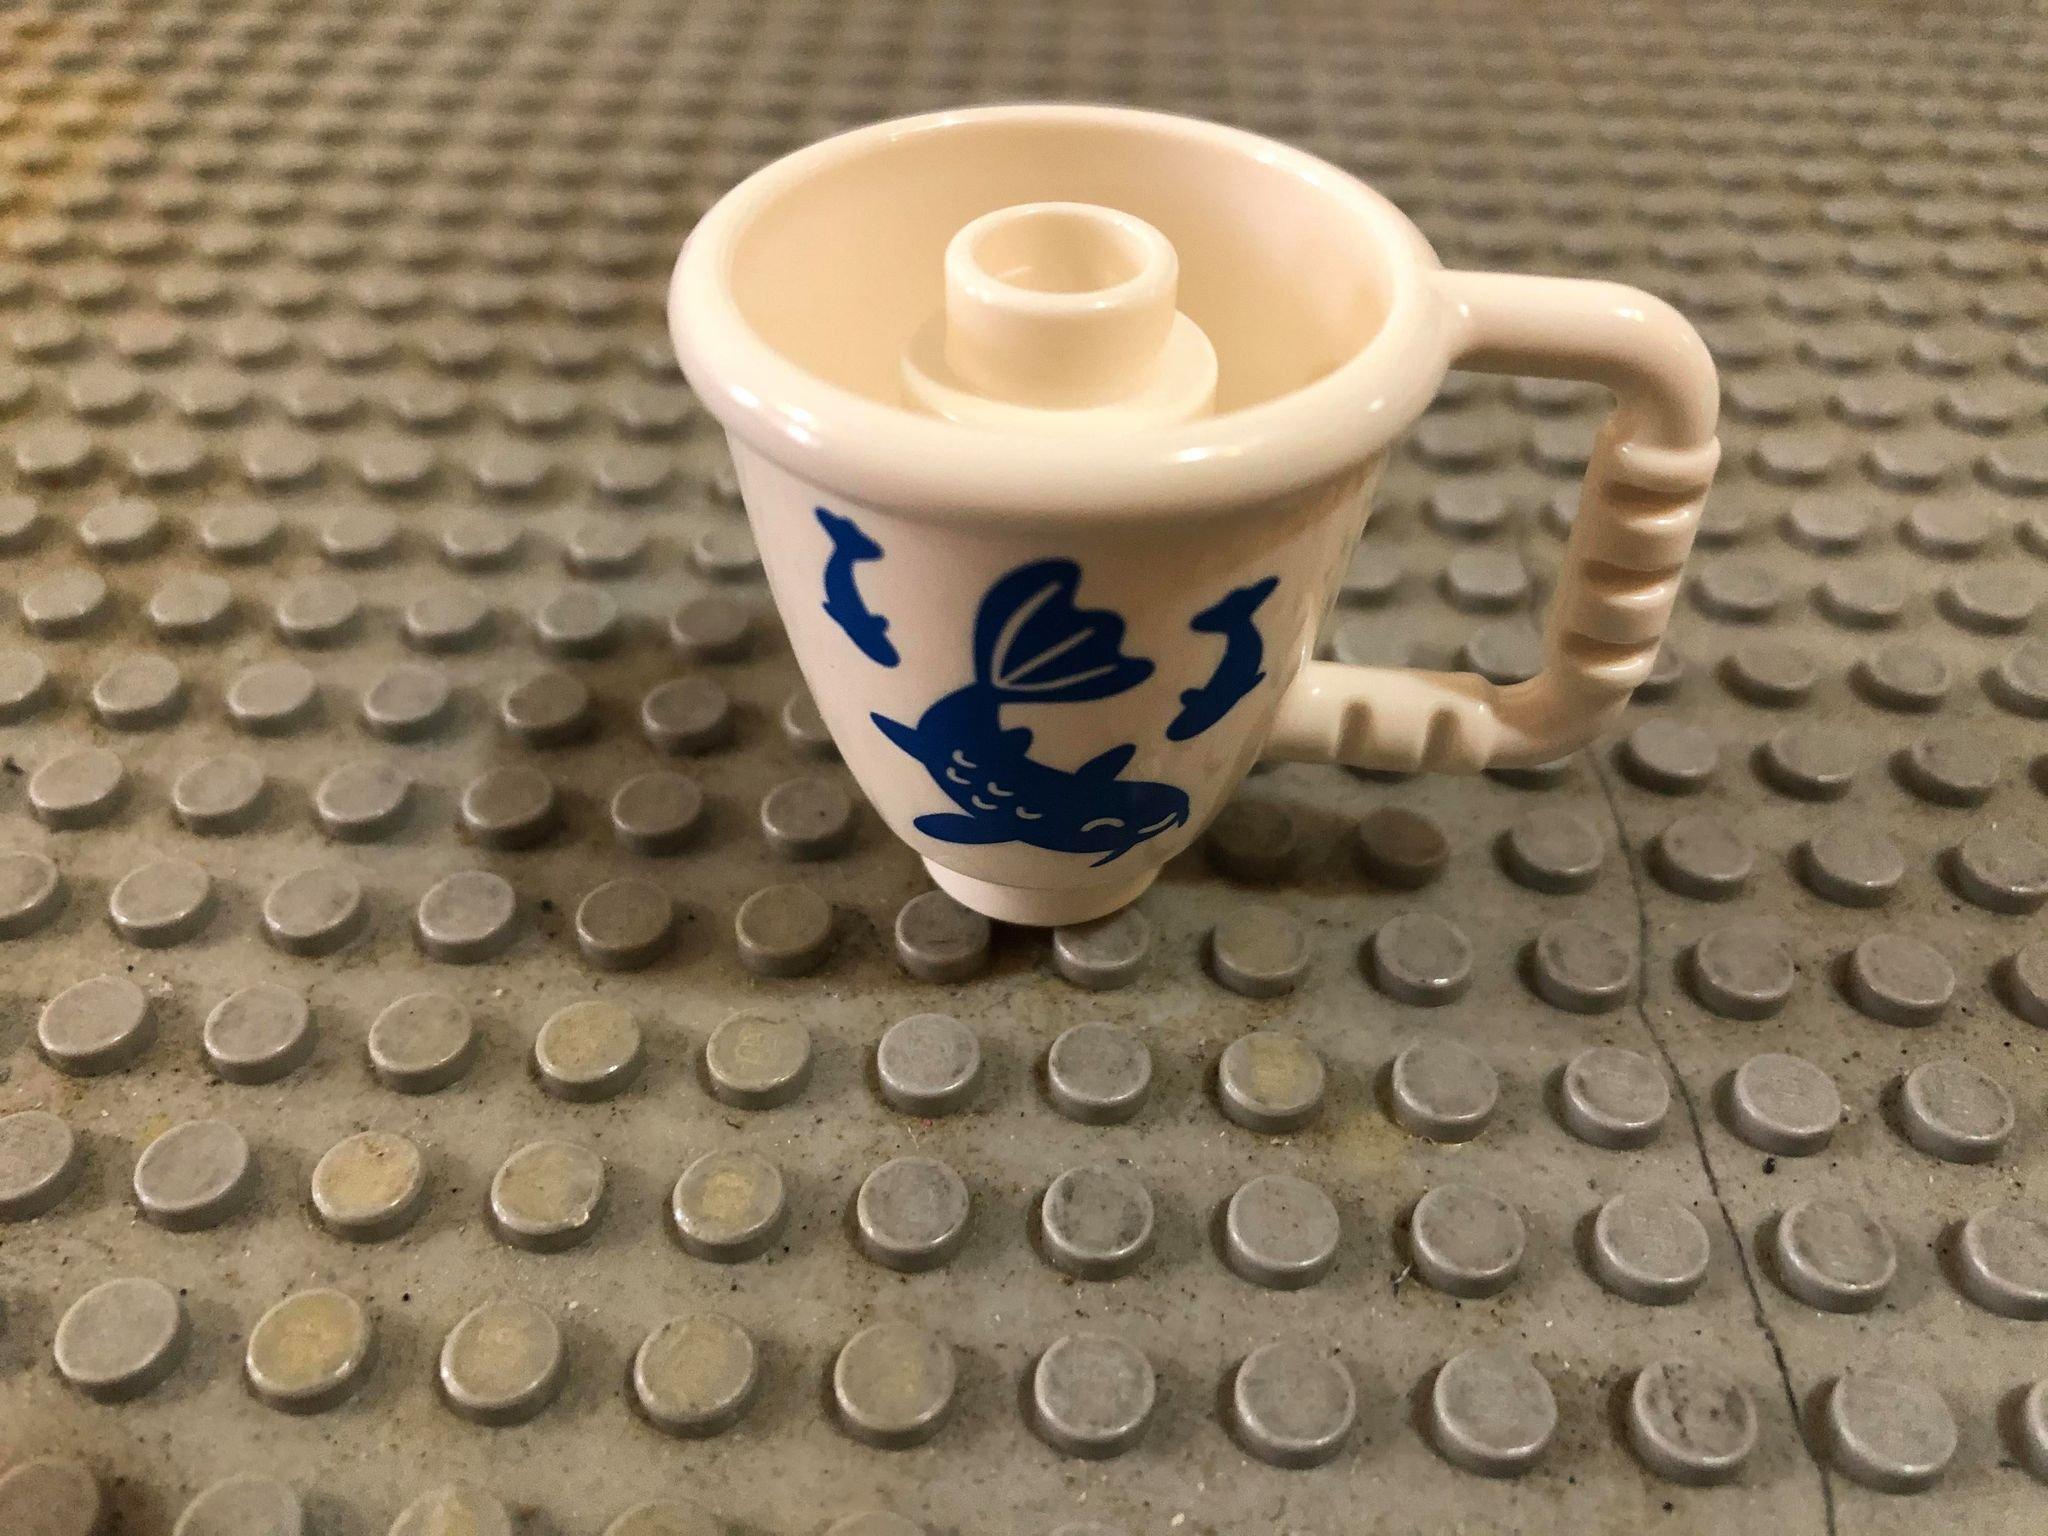 盆栽【點點小豆】lego 樂高積木 DUPLO 得寶 白色 錦鯉 陶瓷杯 水壺 杯子  1 個 如圖!